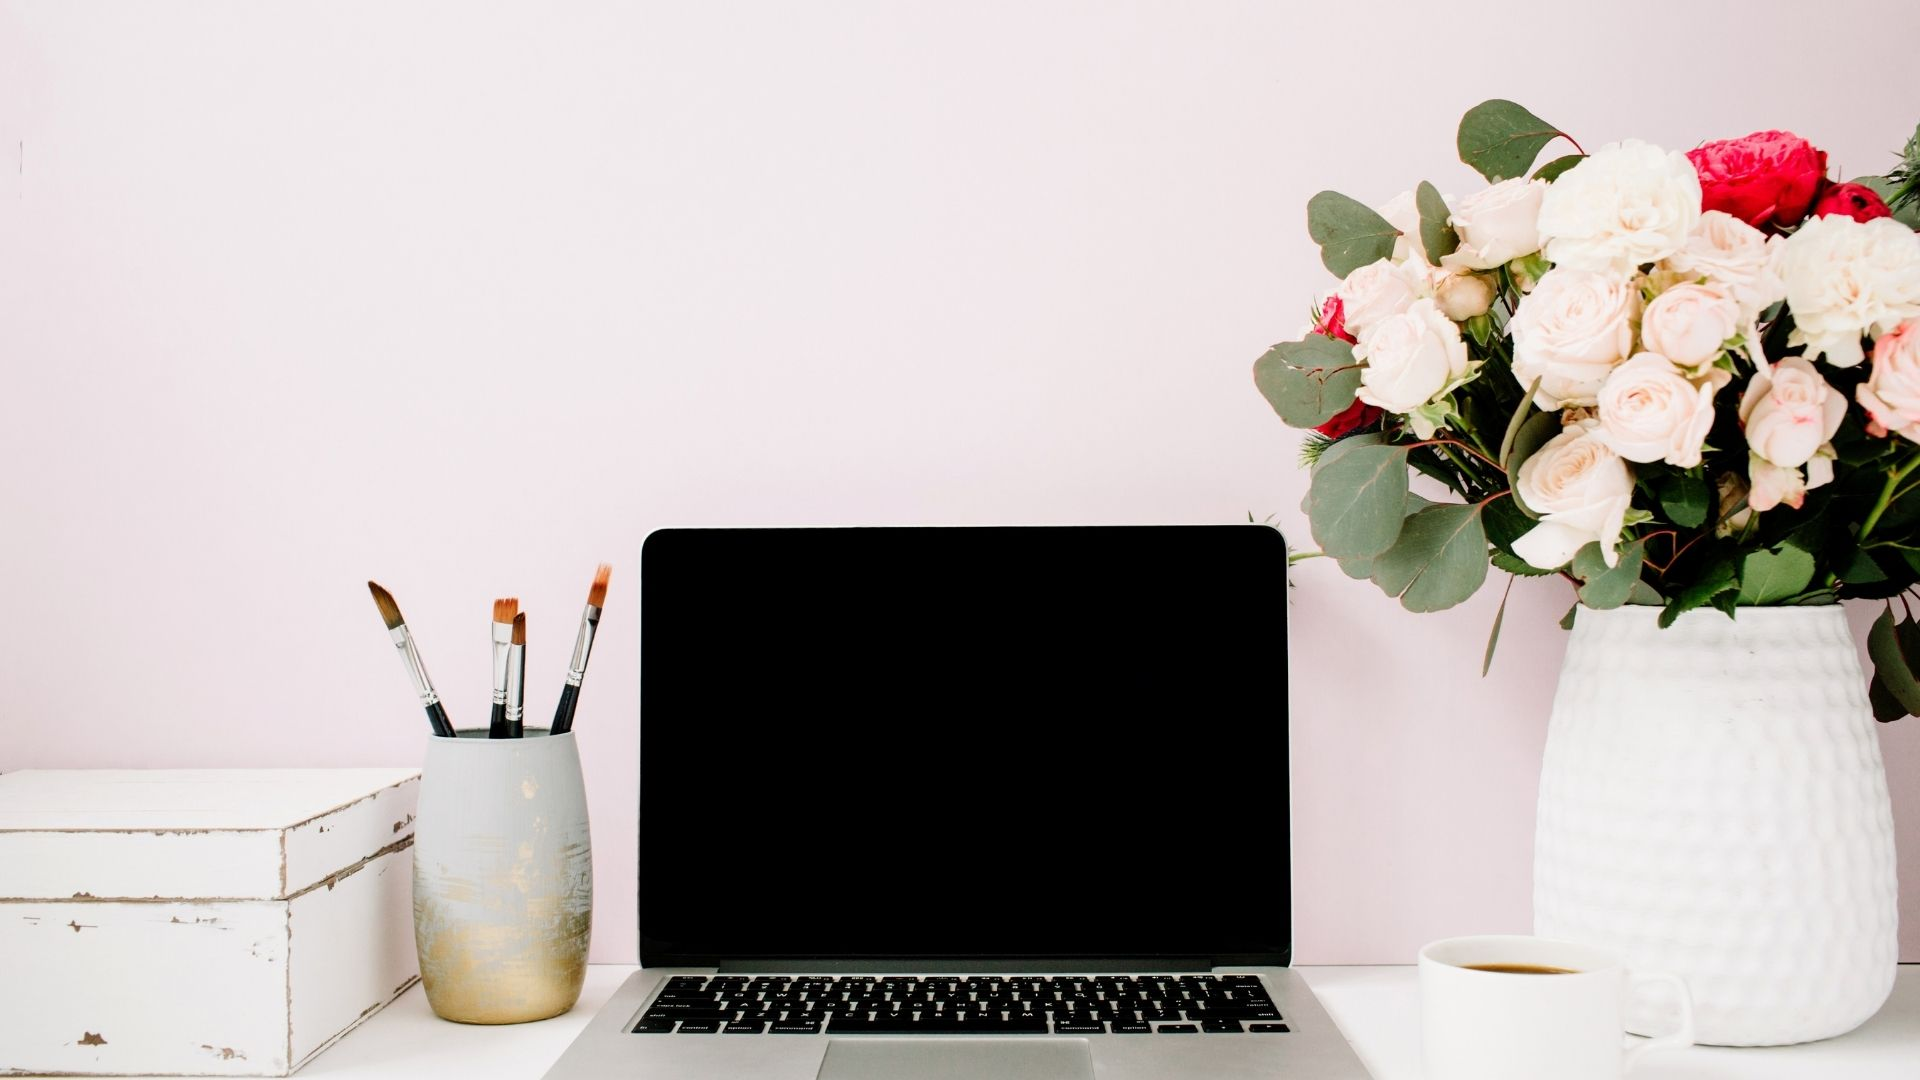 Comment créer son site avec wordpress